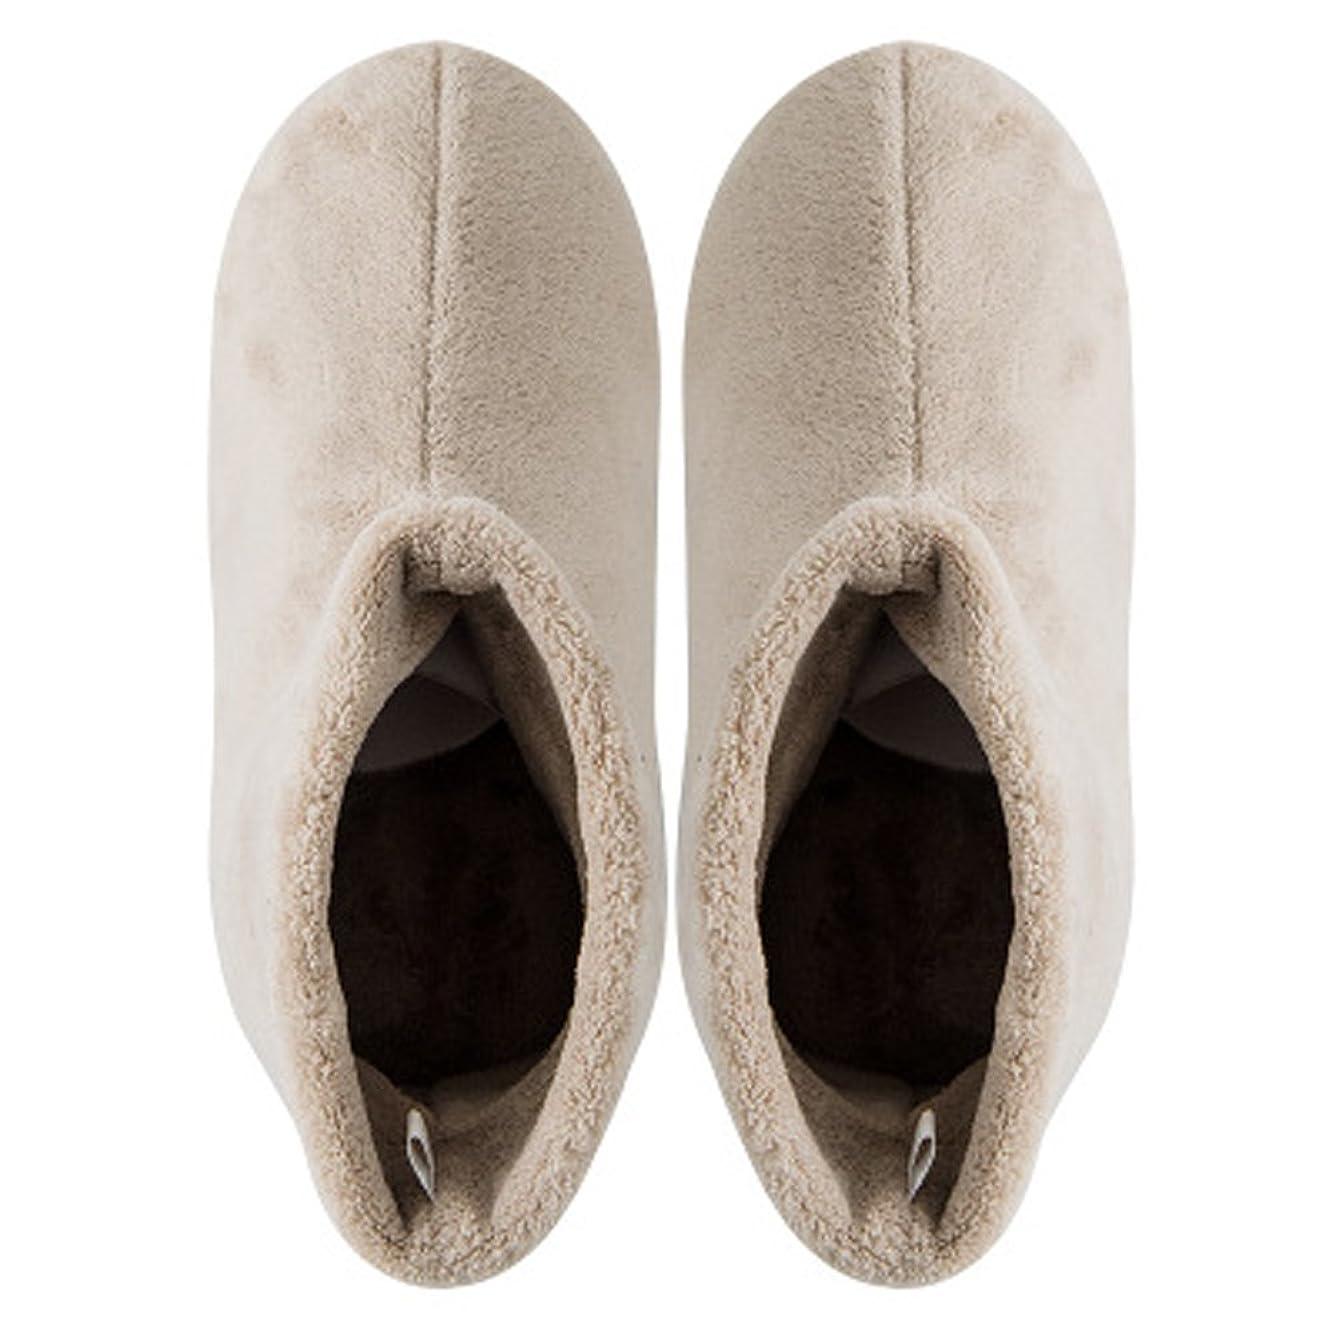 ピボット屋内で哀れなKanemt ルームブーツ ルームシューズ もこもこ 防寒 暖かい 北欧 靴下 来客用 男女兼用 冬用 無地 シンプル ベージュ S